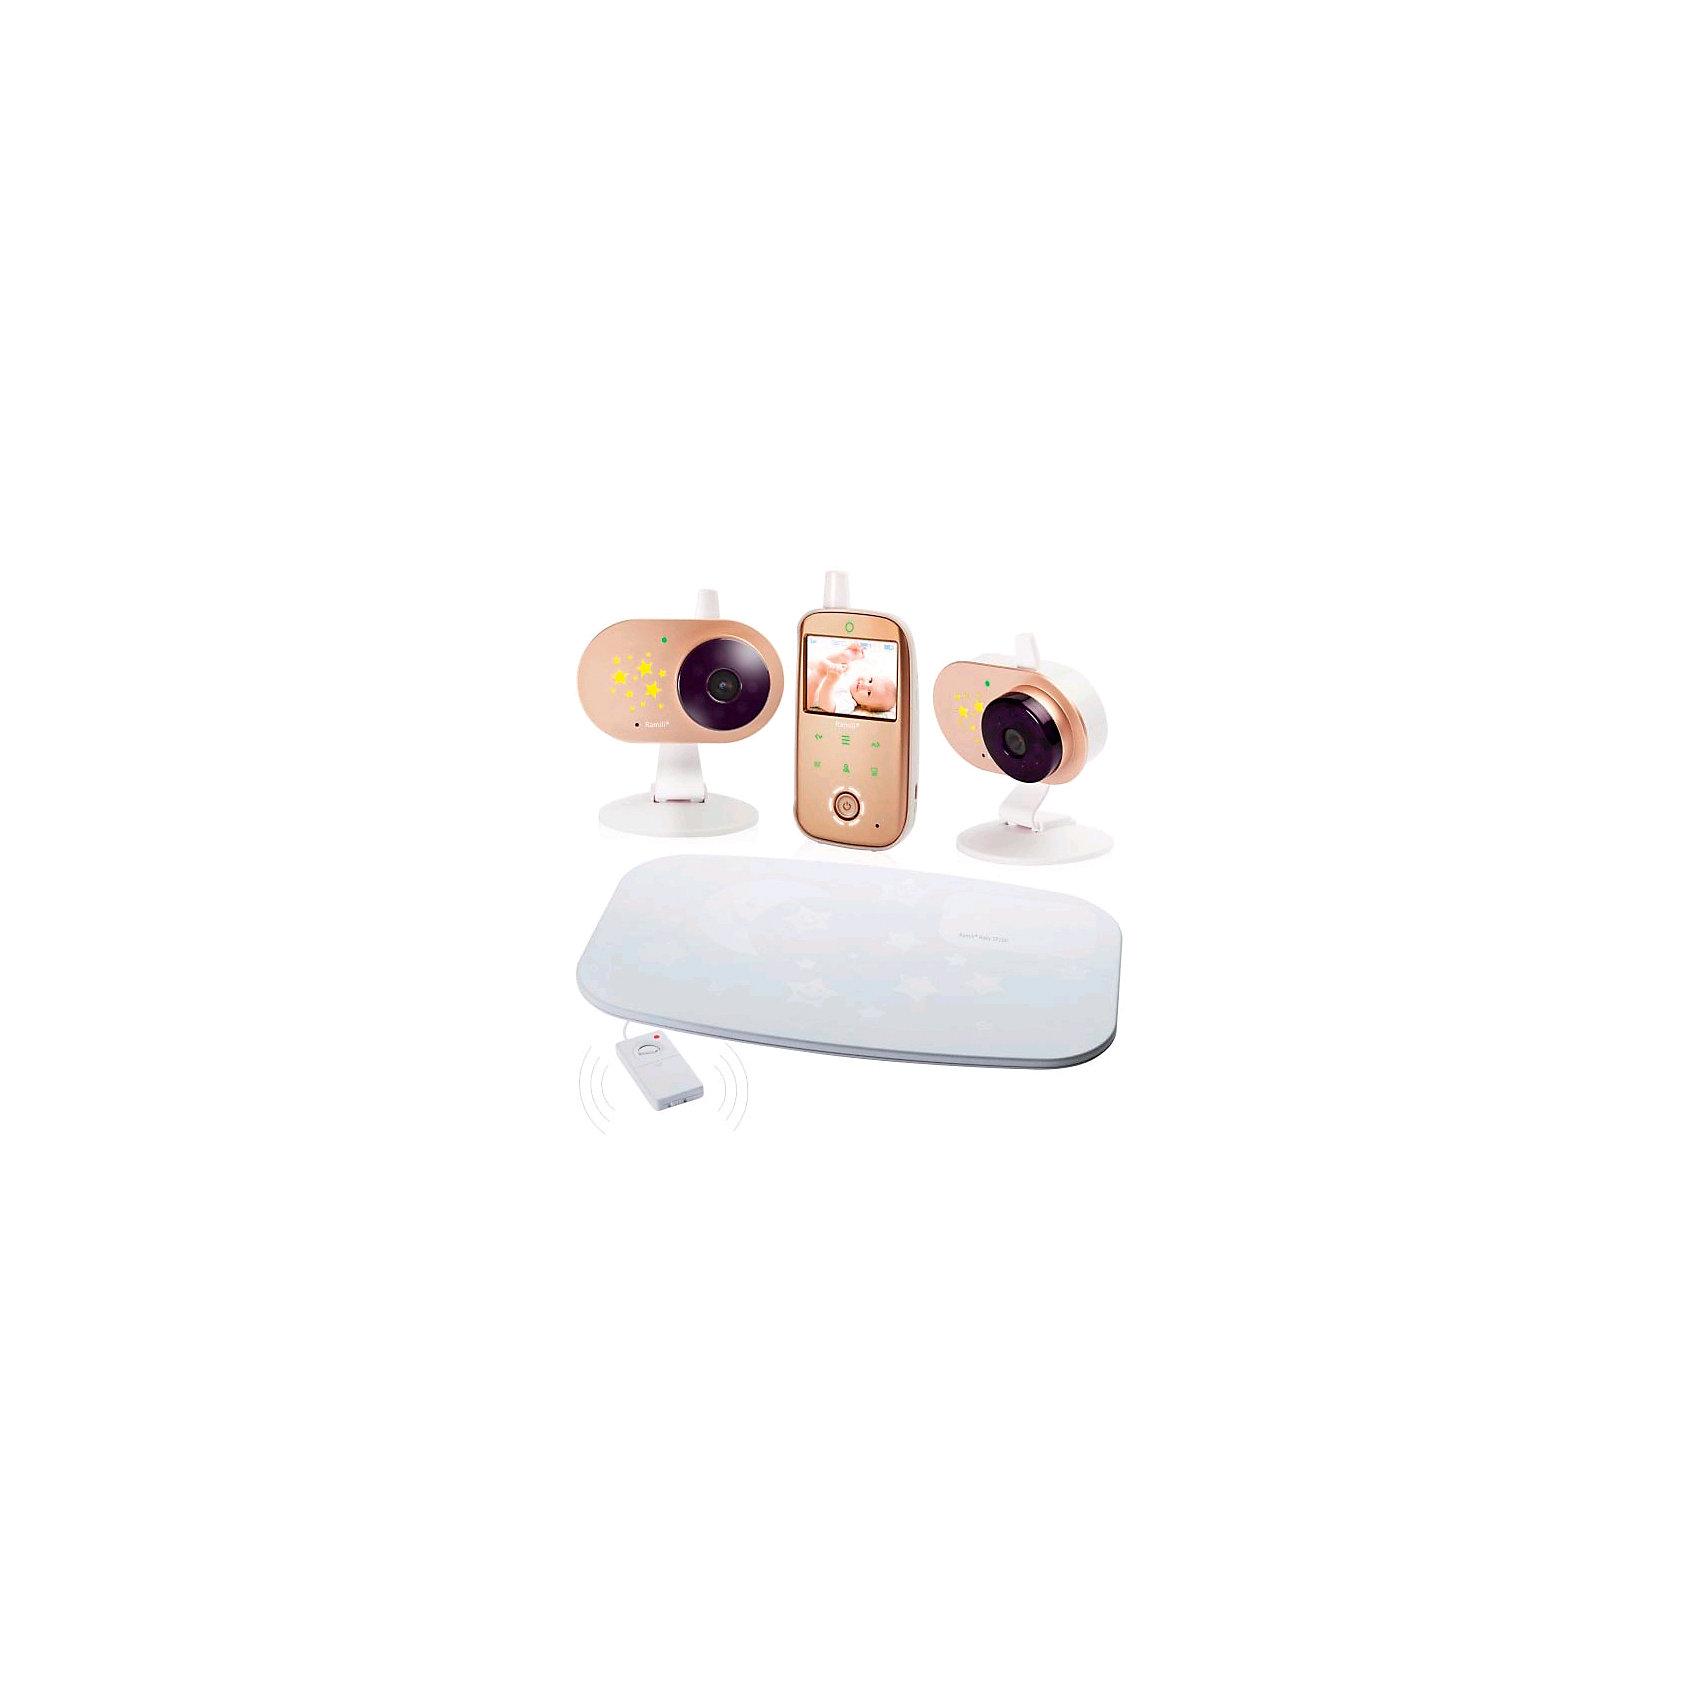 Видеоняня с двумя камерами и монитором дыхания Baby RV1200X2SP, RamiliДетская бытовая техника<br>В комплекте устройства две камеры, оснащённые встроенными аккумуляторами, видеоняня Ramili® Baby RV1200 и монитор дыхания Ramili® Movement Sensor Pad SP200. Видеоняня от английского производителя детских товаров, к которой можно подключить монитор дыхания Ramili Sensor Pad.  Дальность приёма составляет 300 метров.<br>Монитор дыхания Ramili® Movement Sensor Pad SP200 (входит в комплект) представляет из себя коврик, который располагается под матрасиком в детской кроватке.Работает от обычных батареек (до 7 дней, непрерывно) и оснащен блоком регулировки чувствительности.<br>Дальность приёма 300 метров.<br>Диагональ дисплея 6,1 см (2,4 дюйма).<br>Автоматическое ночное видение.<br>Ночник со звёздочками на детском блоке.<br>Стабильная, защищённая цифровая связь.<br>Качественное изображение и звук. Система подавления помех связи.<br>Аккумулятор в родительском и детском блоках.<br>Индикаторы уровня заряда каждого блока отображаются на экране.<br>Оповещение о низком заряде.<br>Динамическая система сохранения энергии (мощность передачи регулируется автоматически, зависит от расстояния между блоками).<br>Оповещение о выходе их зоны приёма.<br>Специальная конструкция крепления камеры для удобного размещения на бортике кроватки или манежа, а также на козырьке детской коляски.<br>Двухсторонняя связь.<br>Термометр в детском блоке для измерения температуры воздуха в детской. Значение отображается на экране родительского блока.<br>Оповещение о выходе температуры за пределы заданного диапазона.<br>Индикатор громкости плача (удобно при выключенном звуке).<br>Возможность подключения до 4-х камер.<br>Система активации видеоняни при обнаружении плача (VOX).<br>Непрерывный мониторинг.<br>Функция приближения изображения (цифровой зум).<br>Для доступа к функциям на лицевой панели родительского блока видеоняни удобно расположены кнопки с подсветкой, управляемые прикосновением.<br>Родительский блок